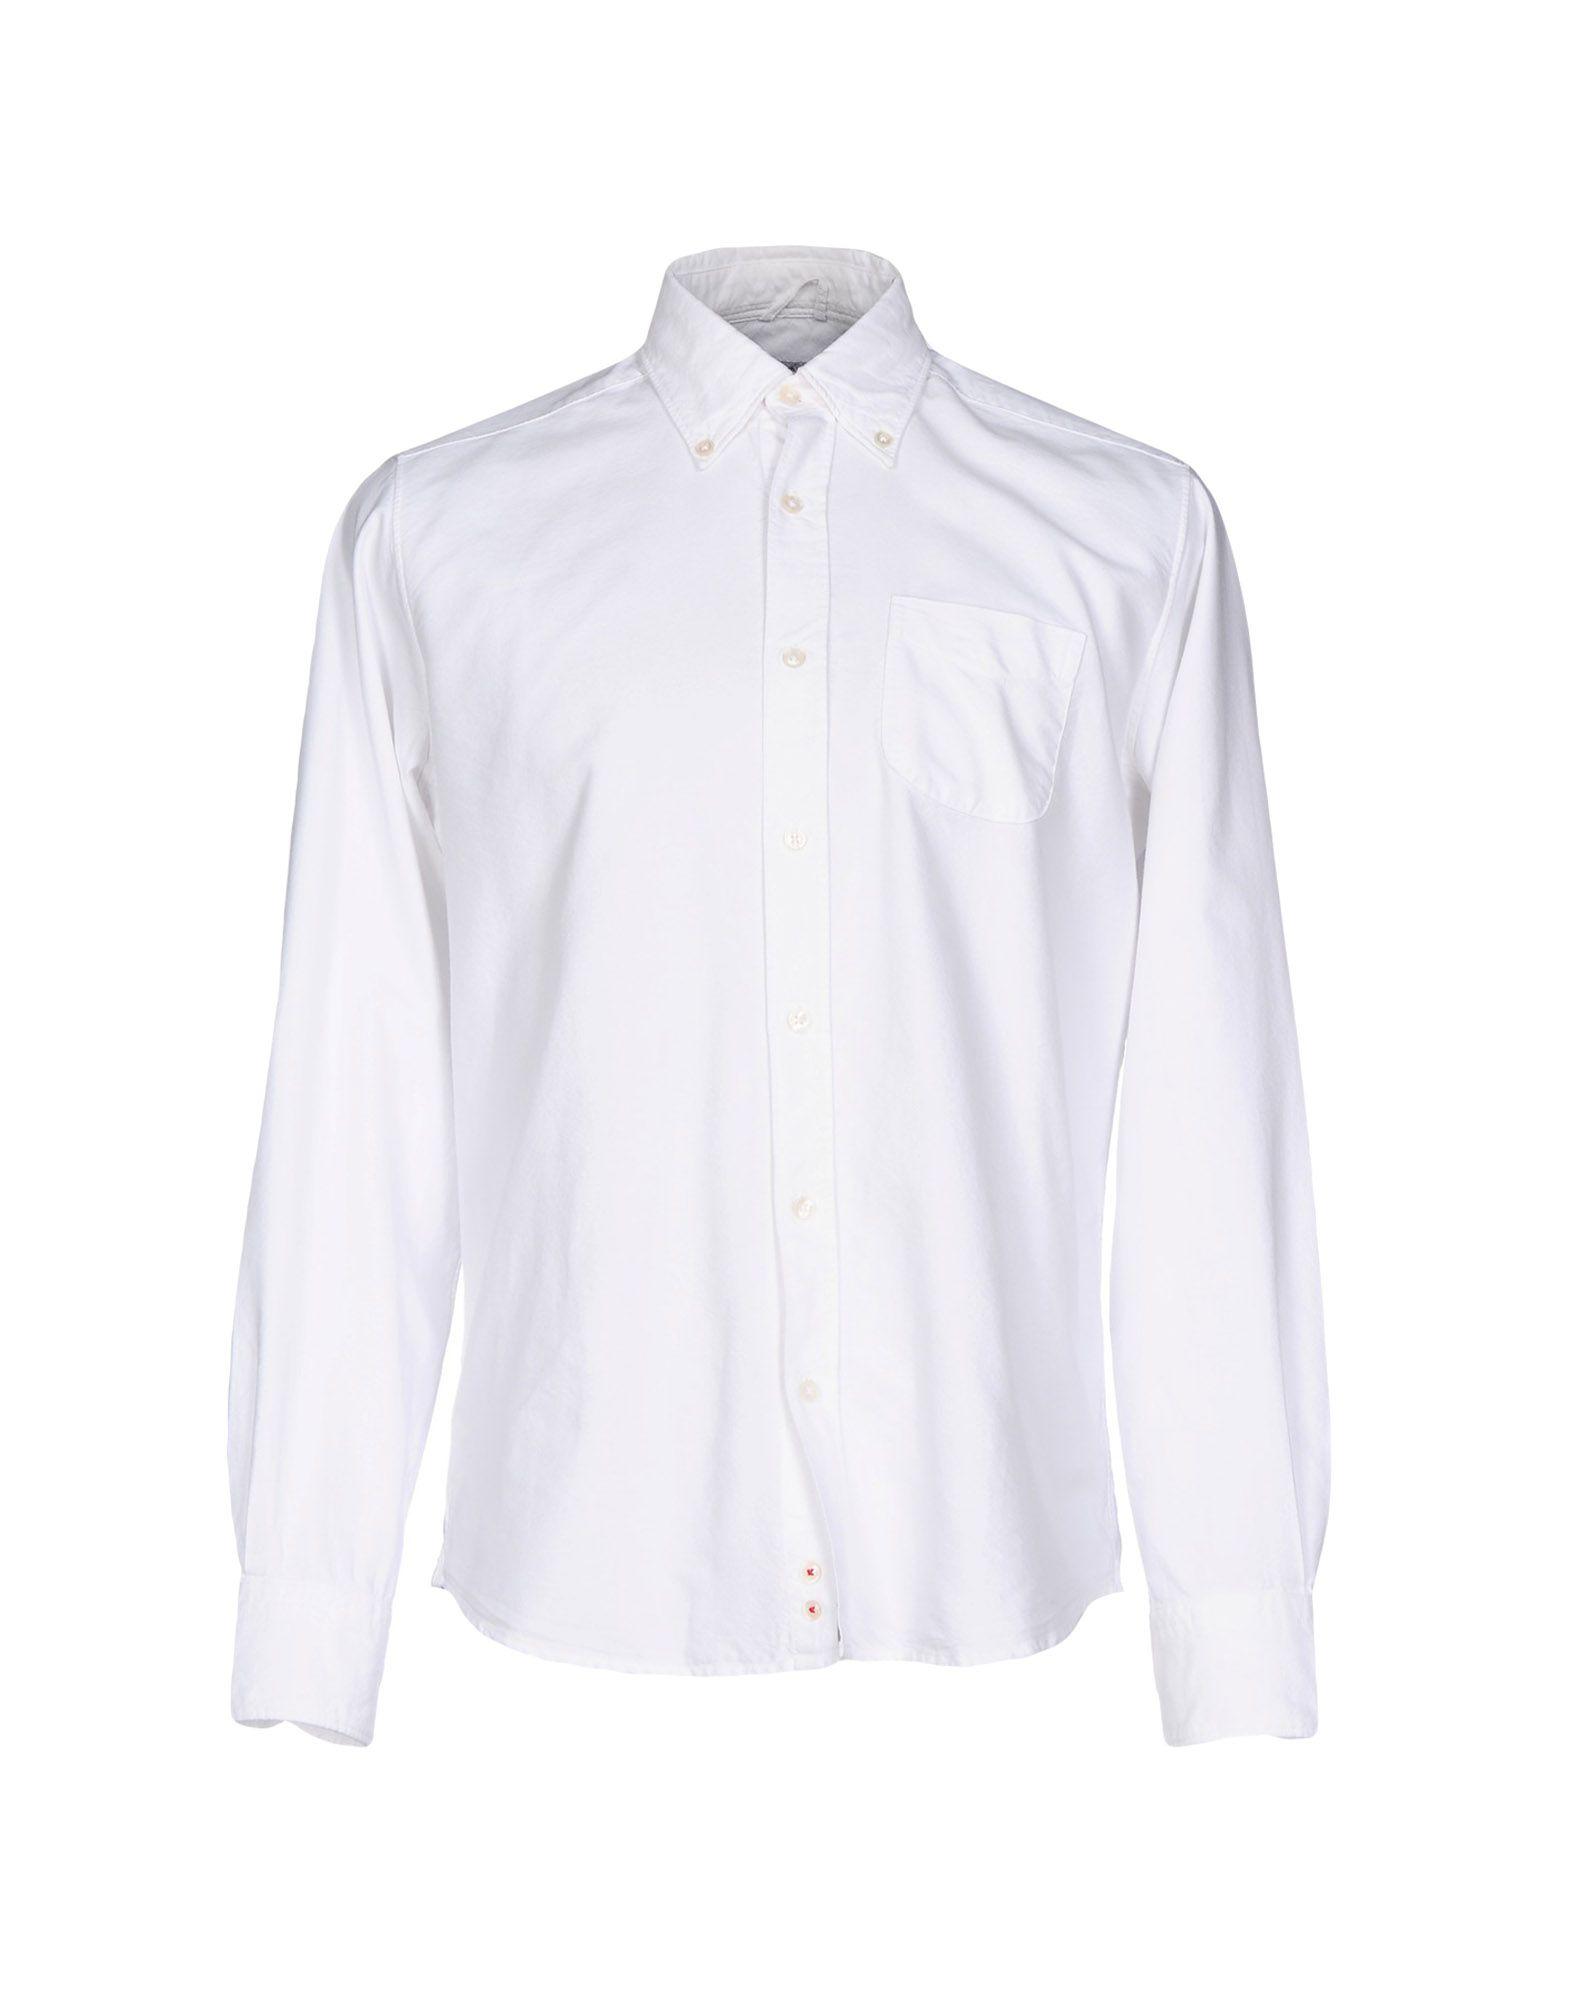 R3D WÖÔD Pубашка 45 r pубашка